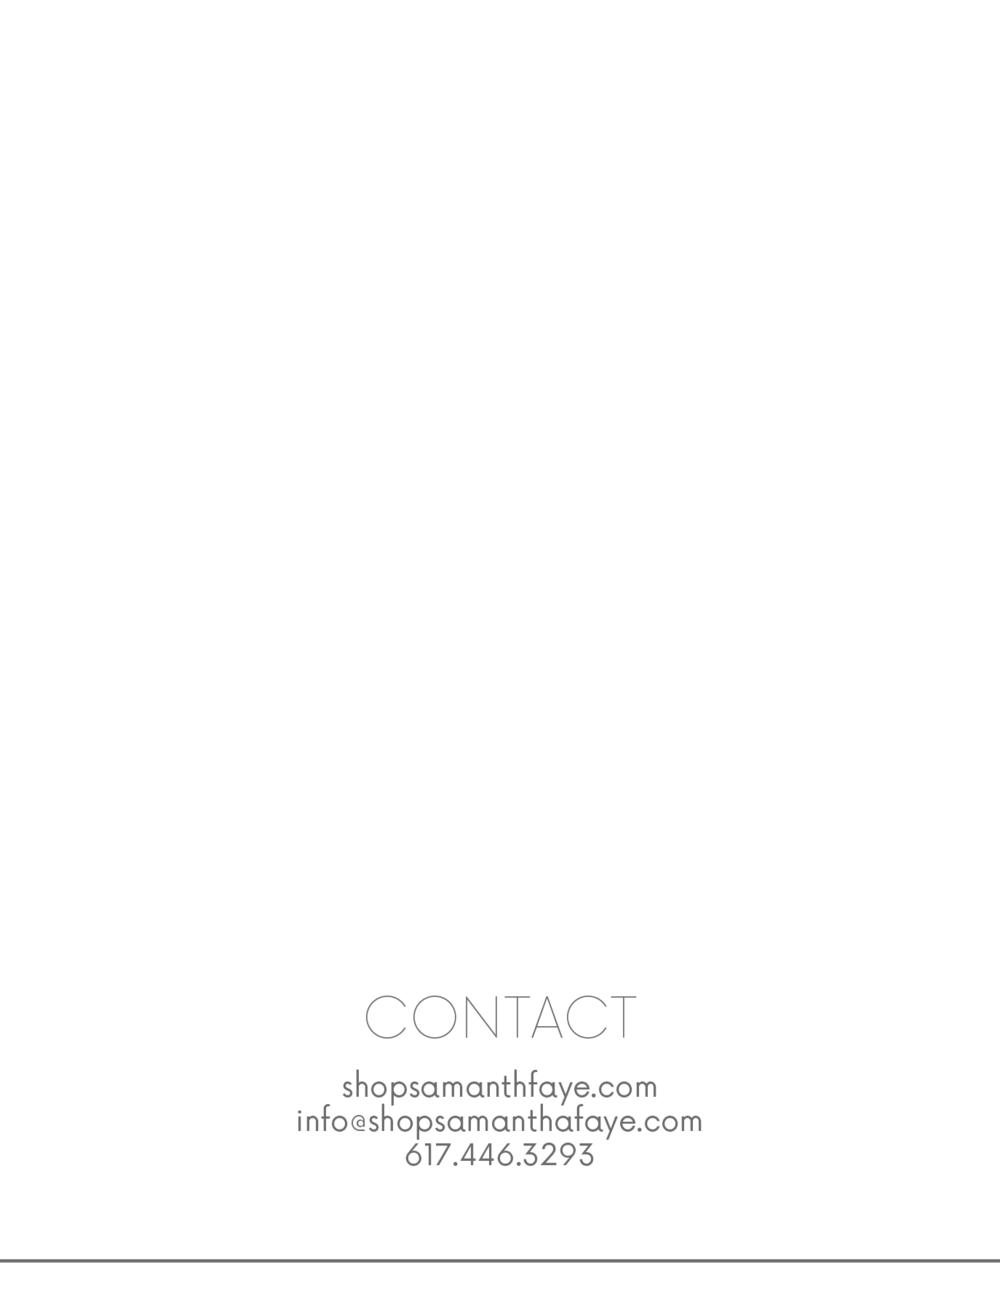 SFAYE_Final_print6.png